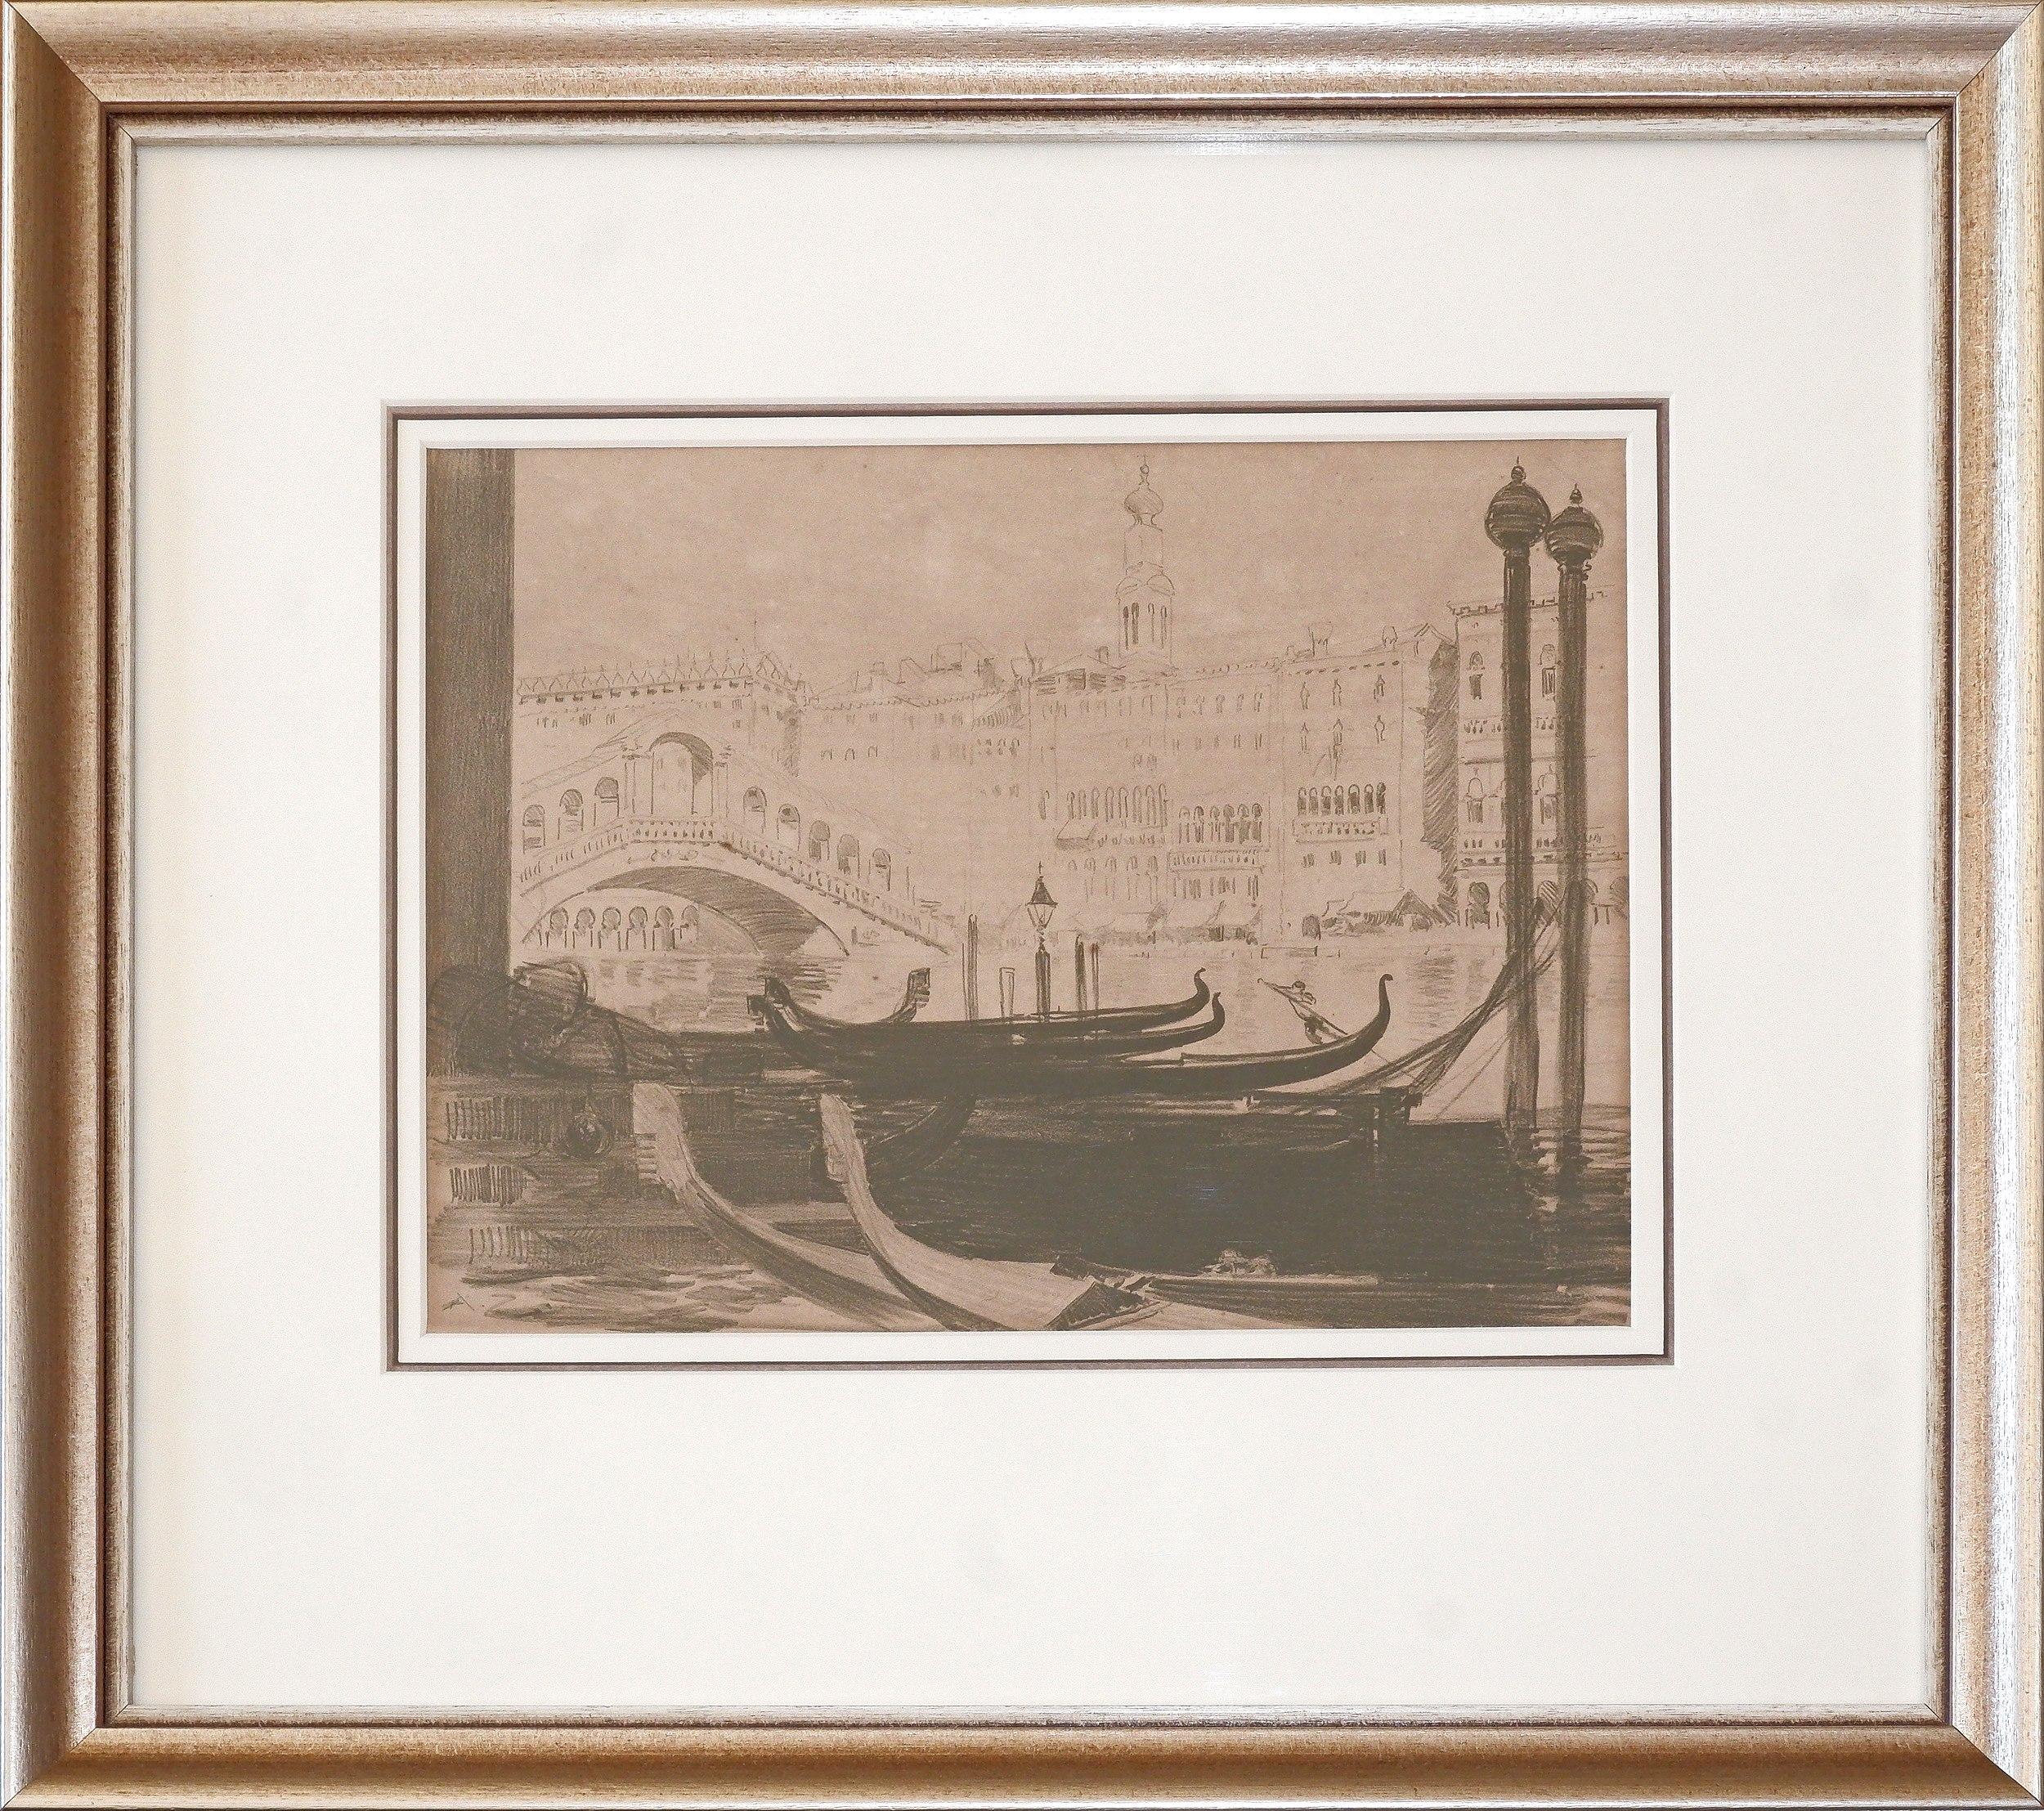 'Arthur Streeton (1867-1943), The Rialto 1912, Lithograph'